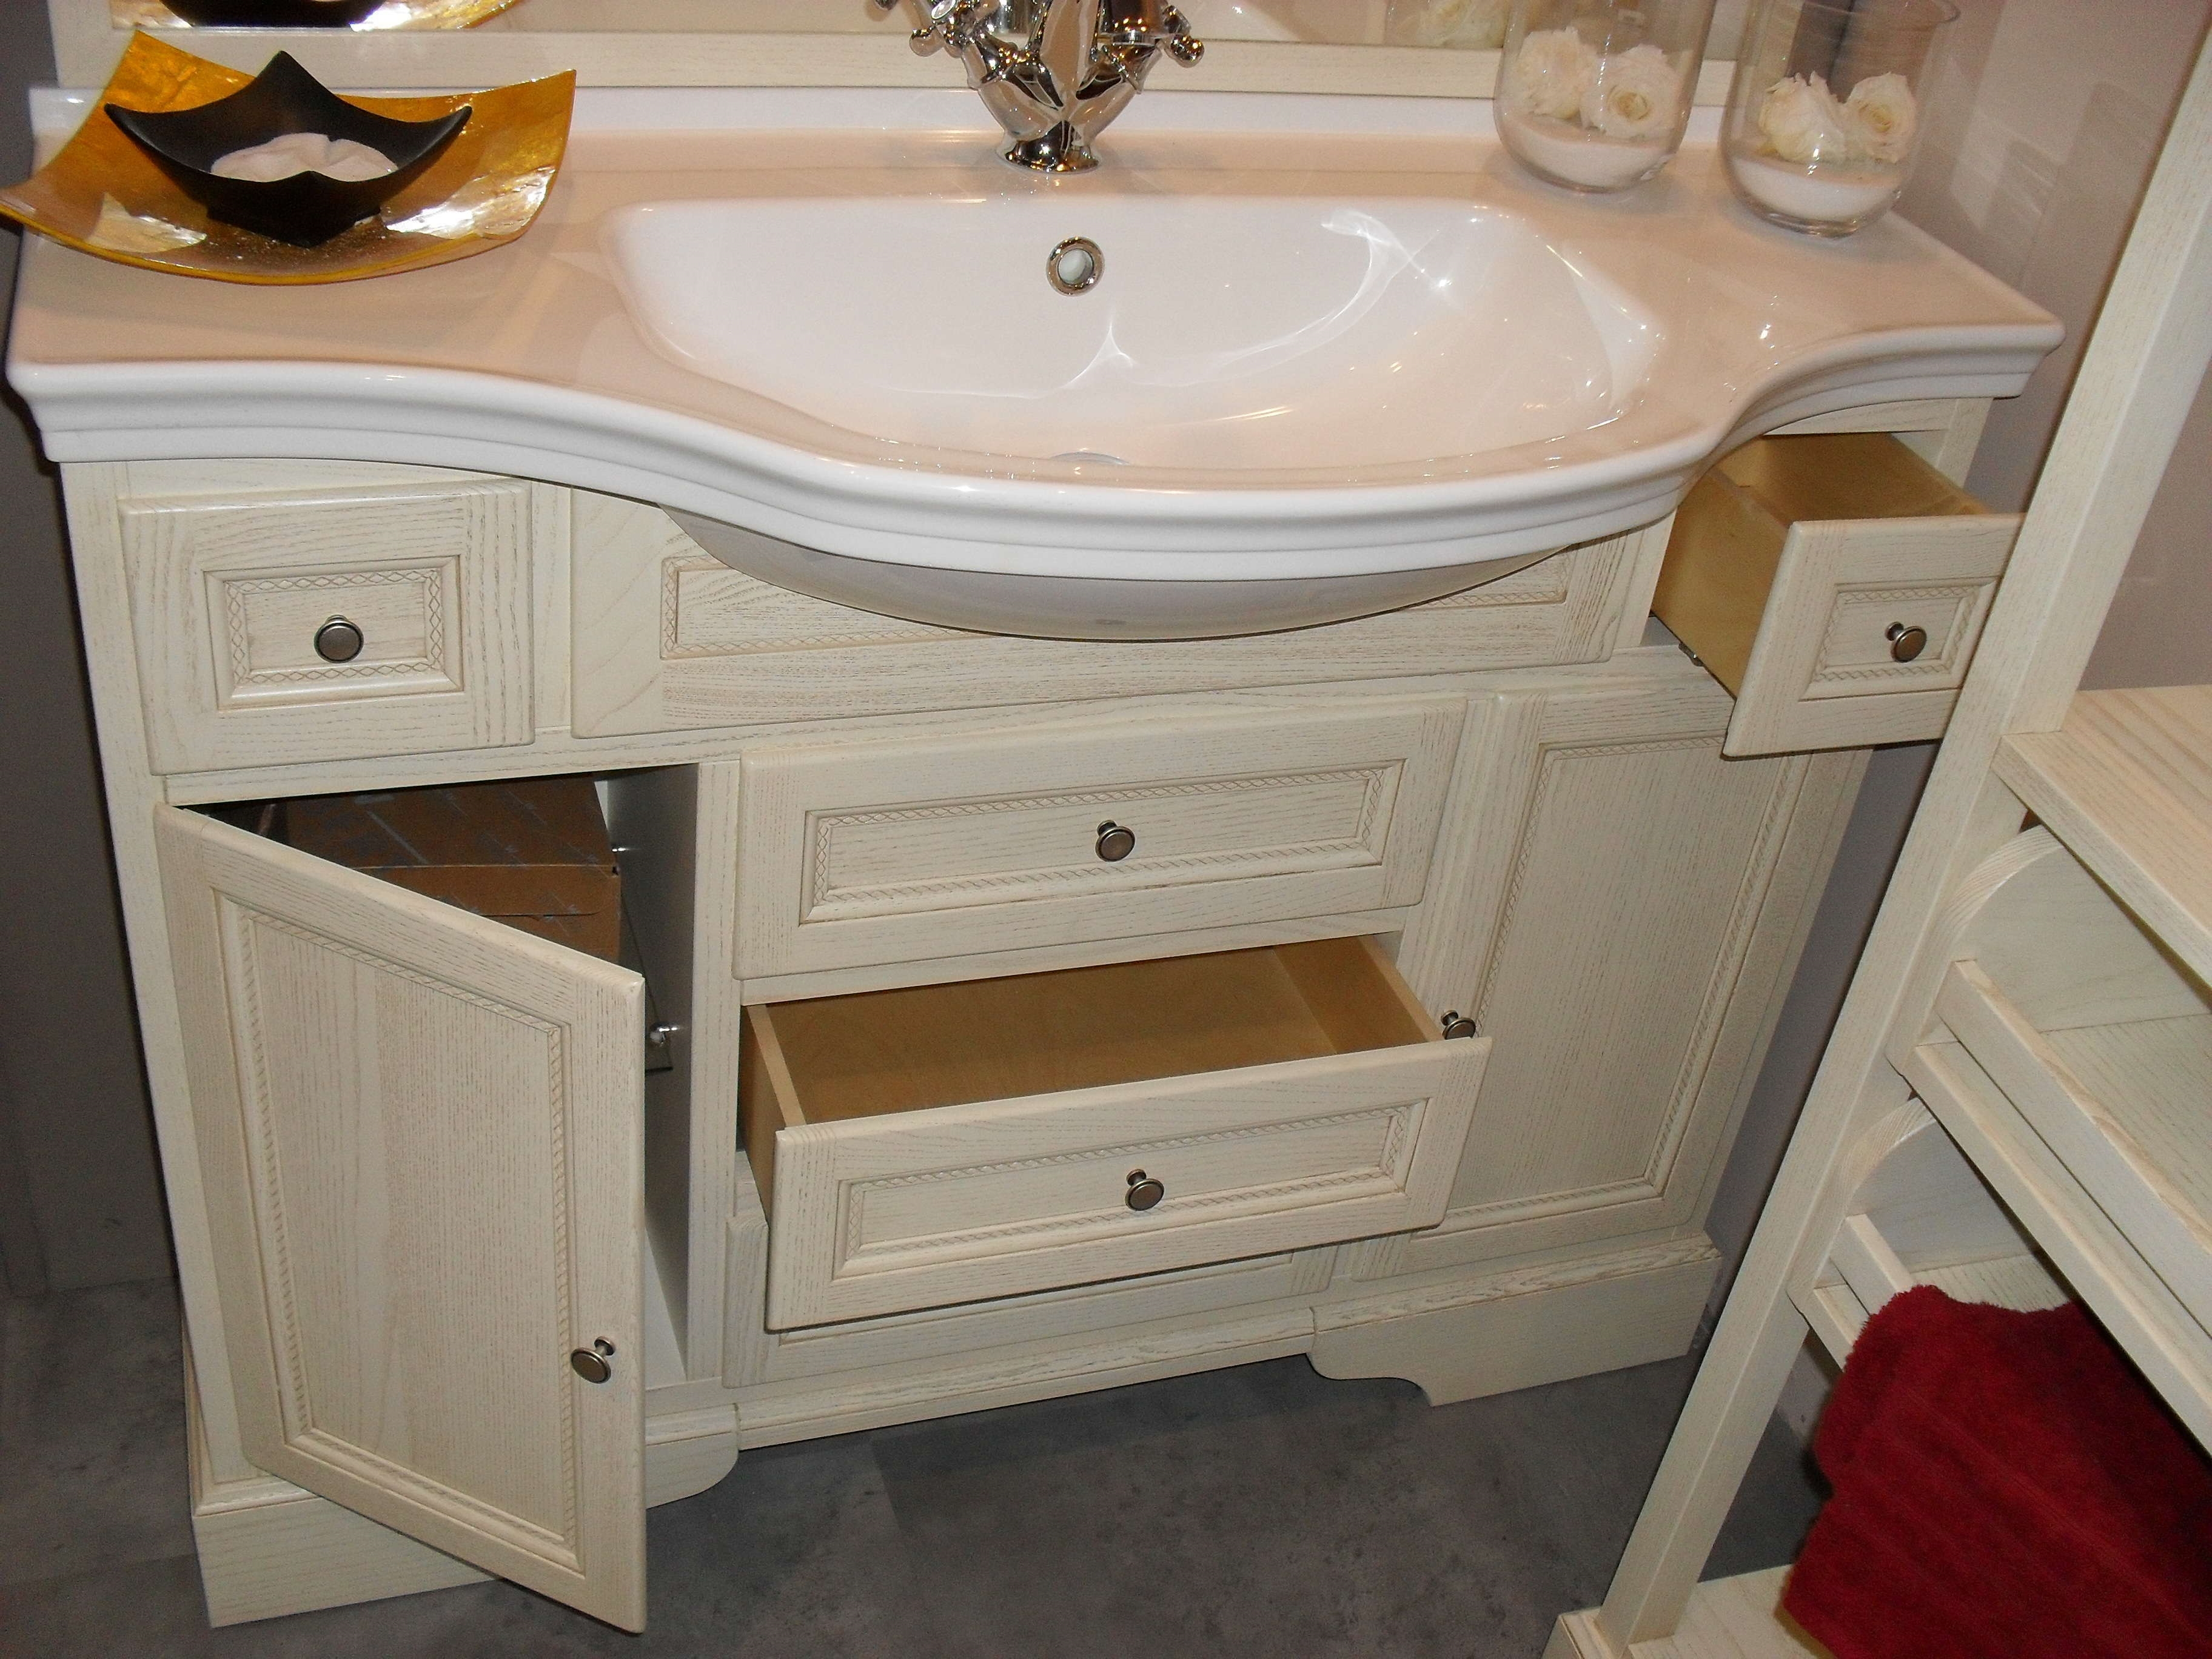 Bagno classico color crema scontato del 64 arredo bagno for Outlet mobili da bagno